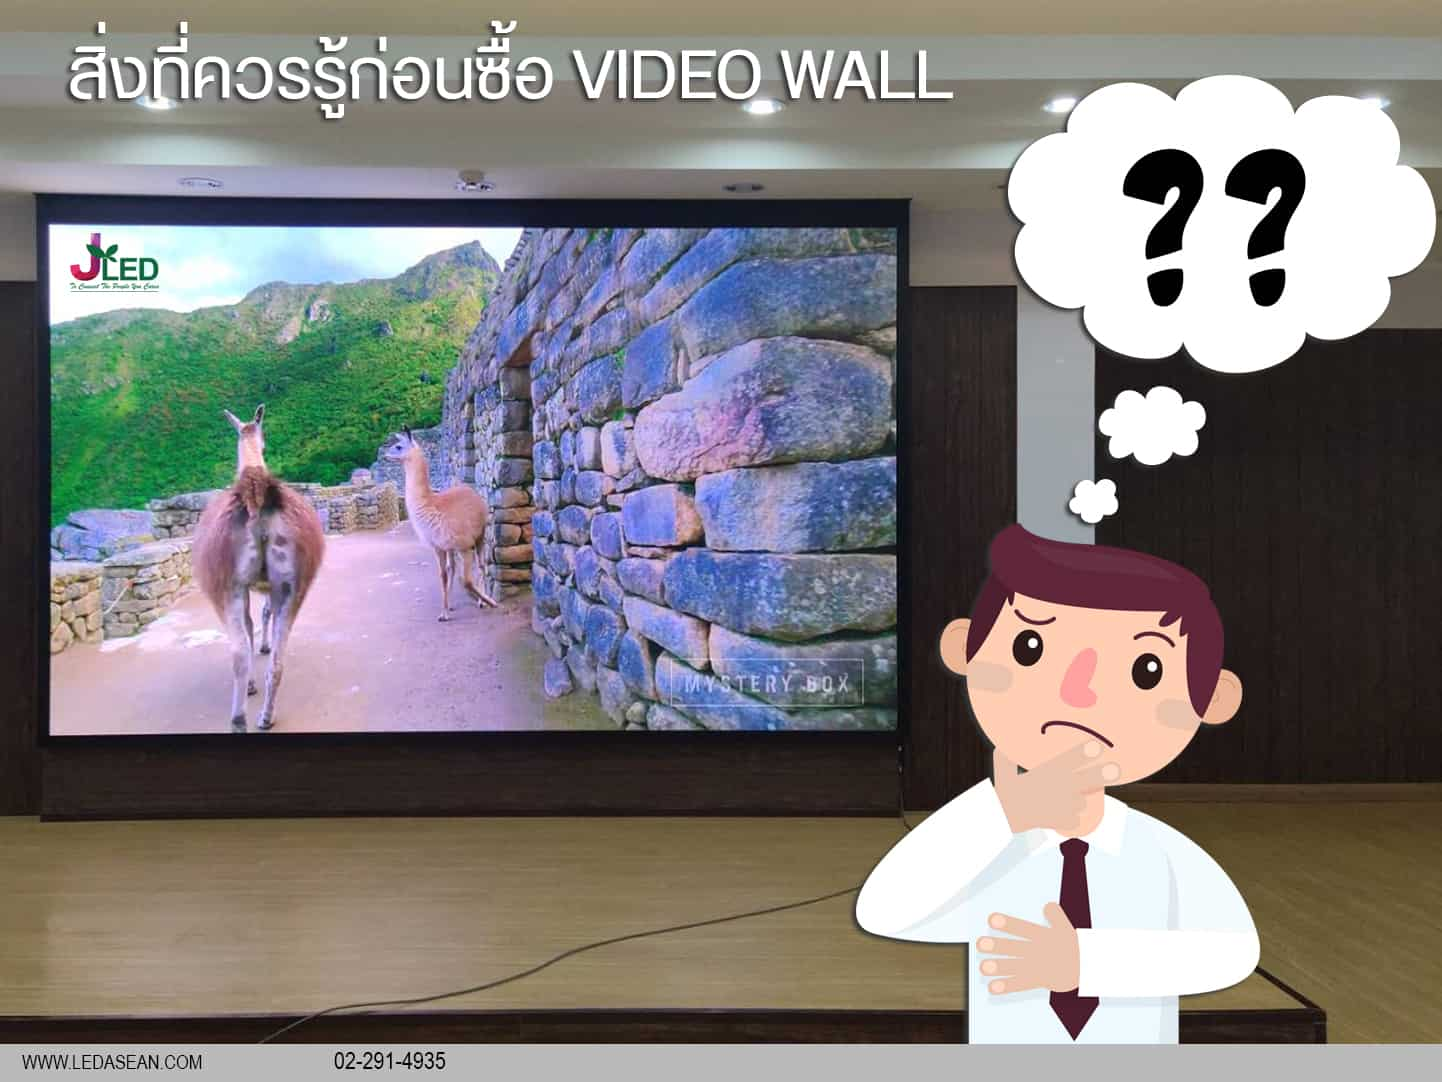 สิ่งที่ควรรู้ก่อนซื้อ VIDEO WALL